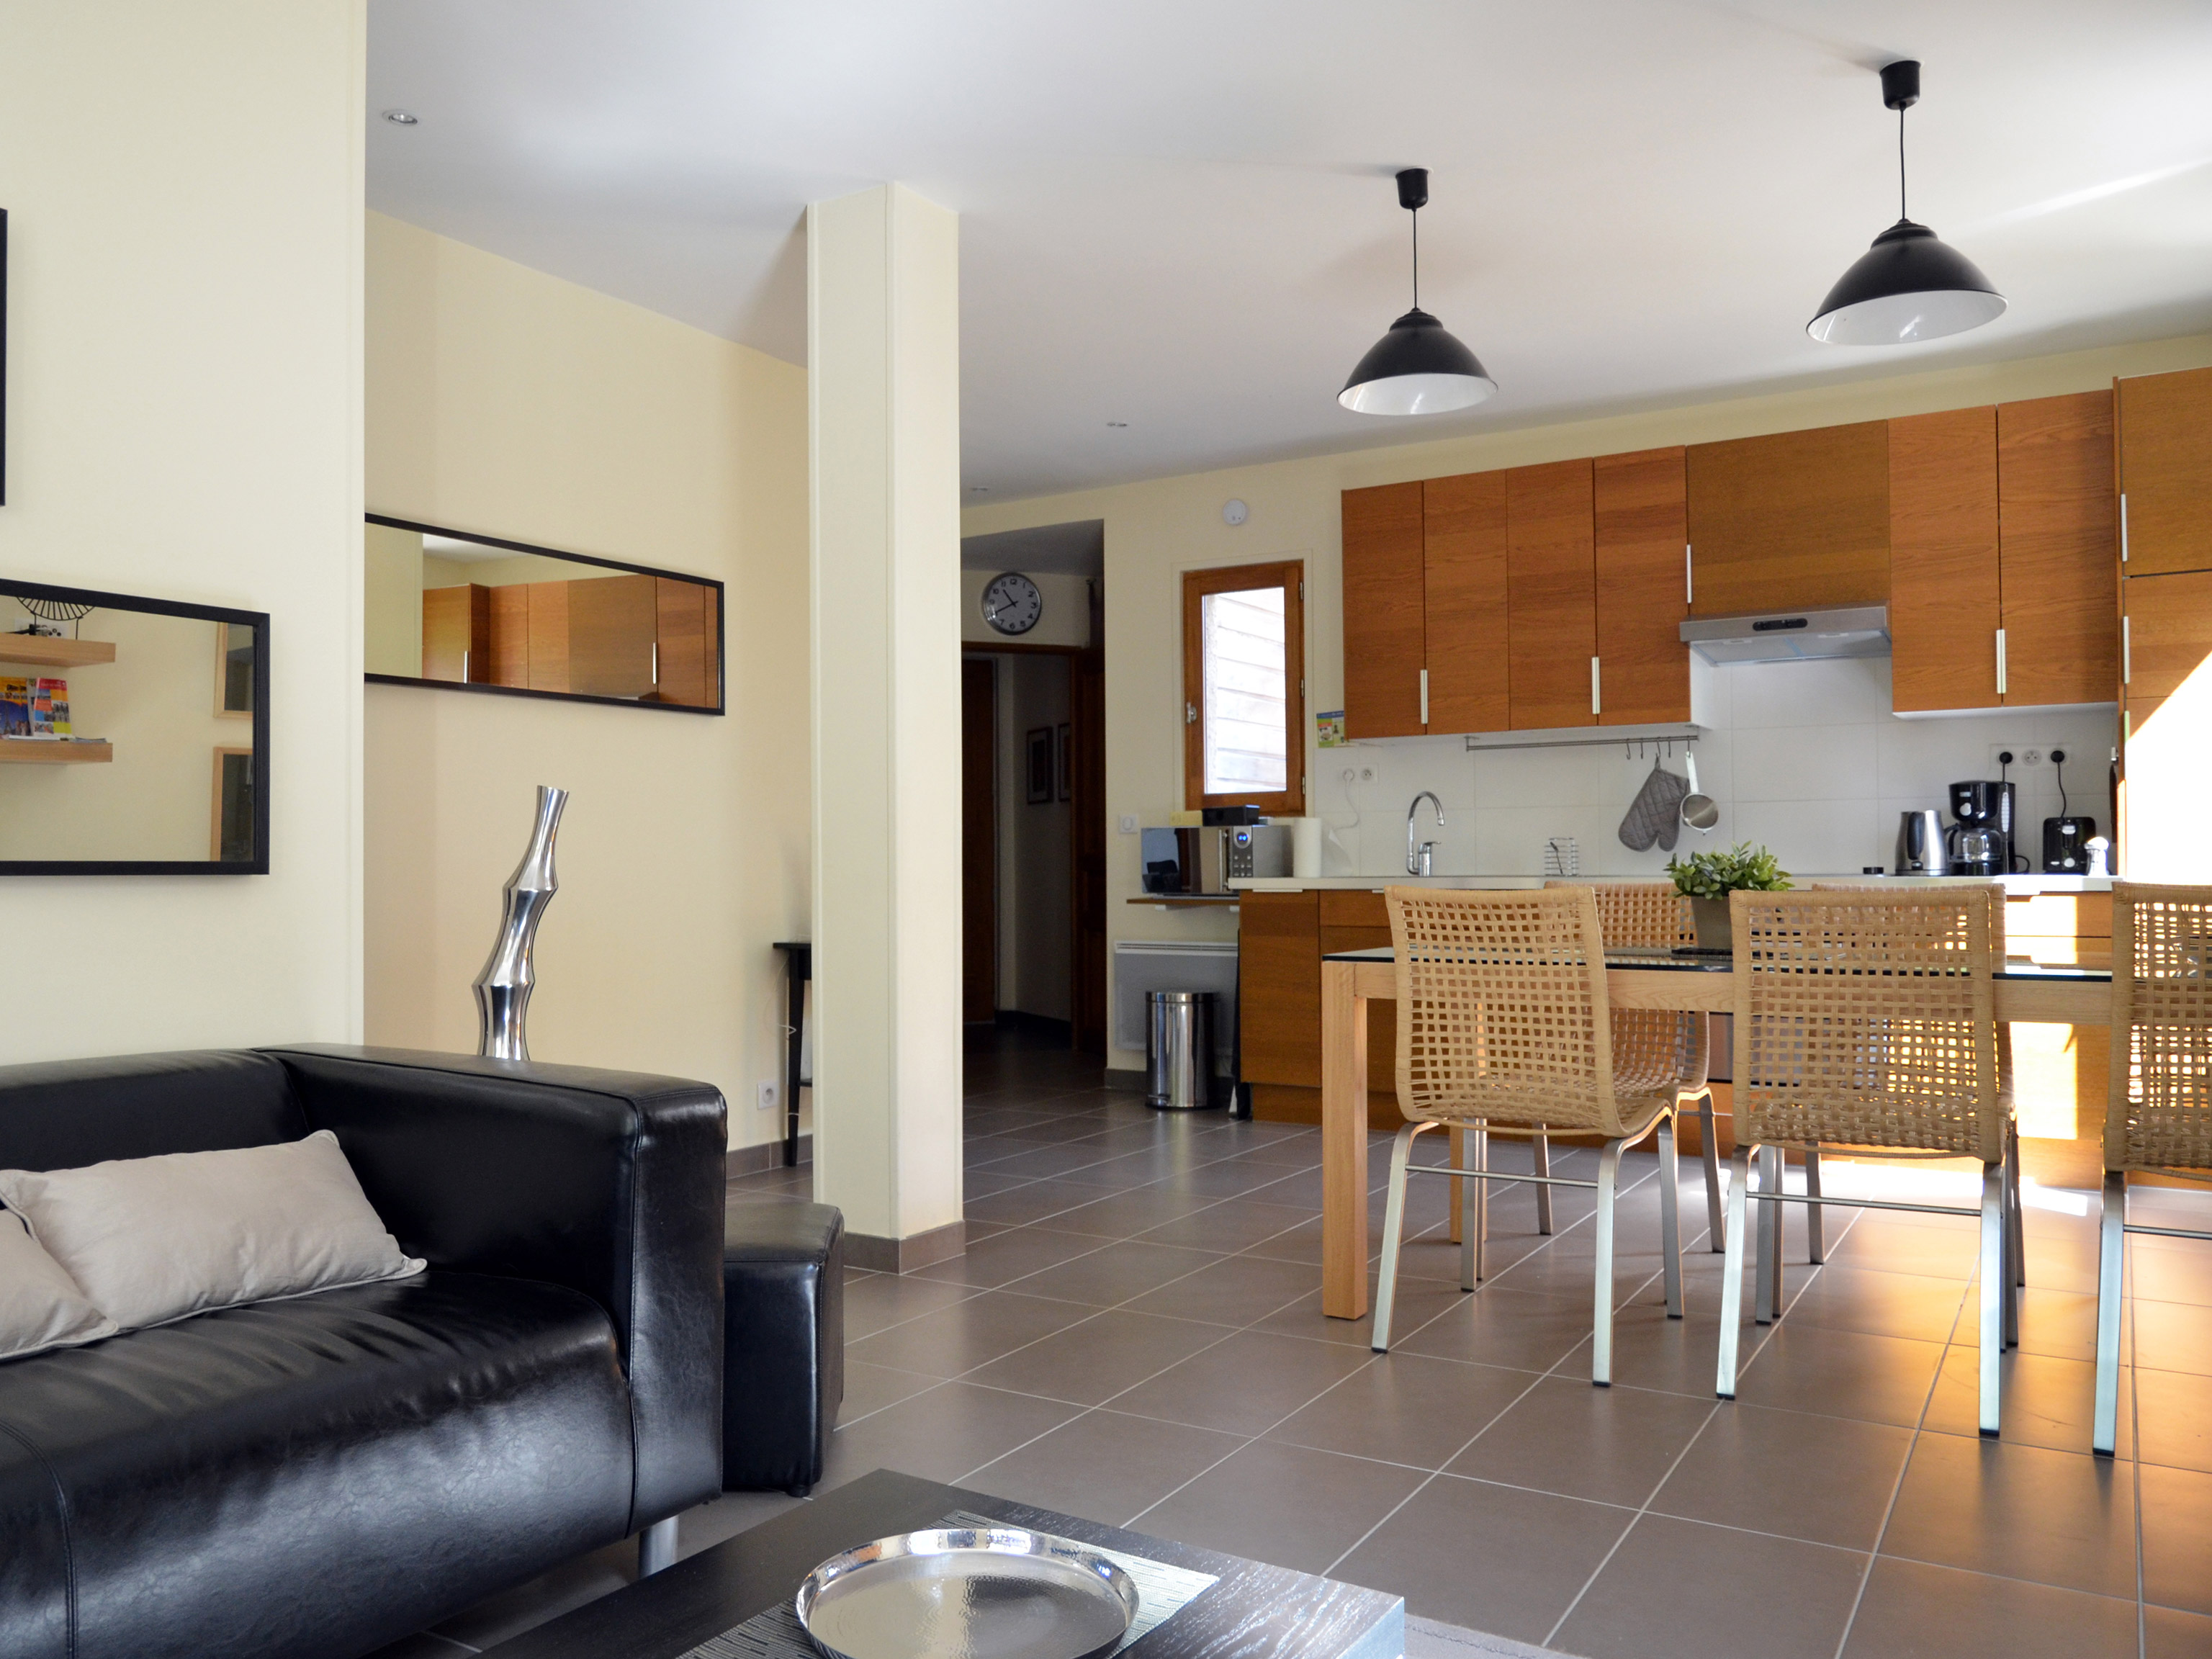 Location Appartement Meuble 62 5m2 3 Pieces Versailles Amvgp